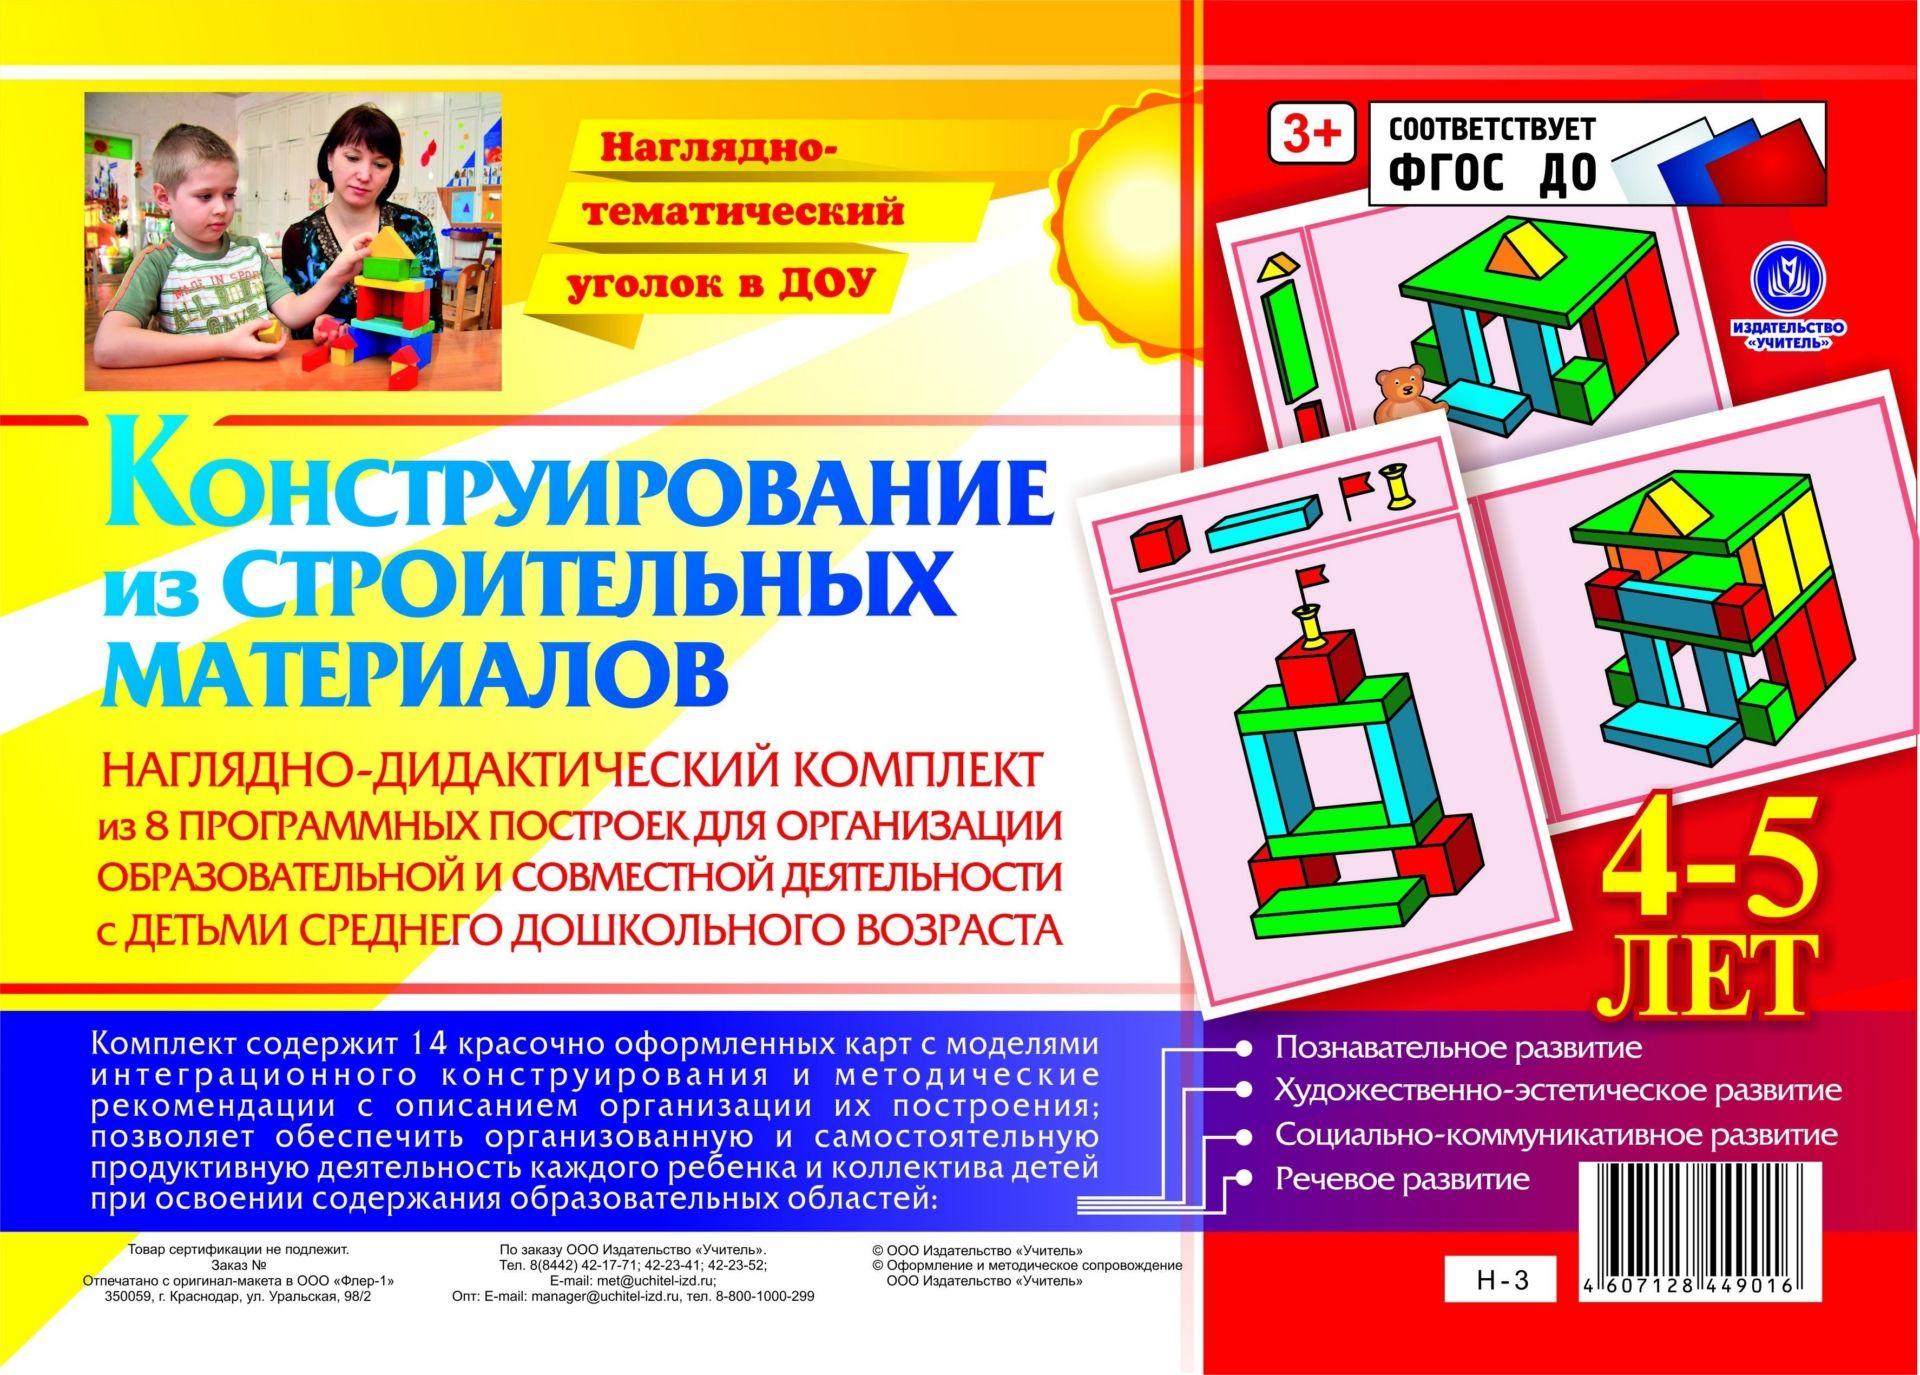 Купить со скидкой Наглядно-дидактический комплект. Конструирование. 14 цветных иллюстраций формата А4 на картоне. 4-5